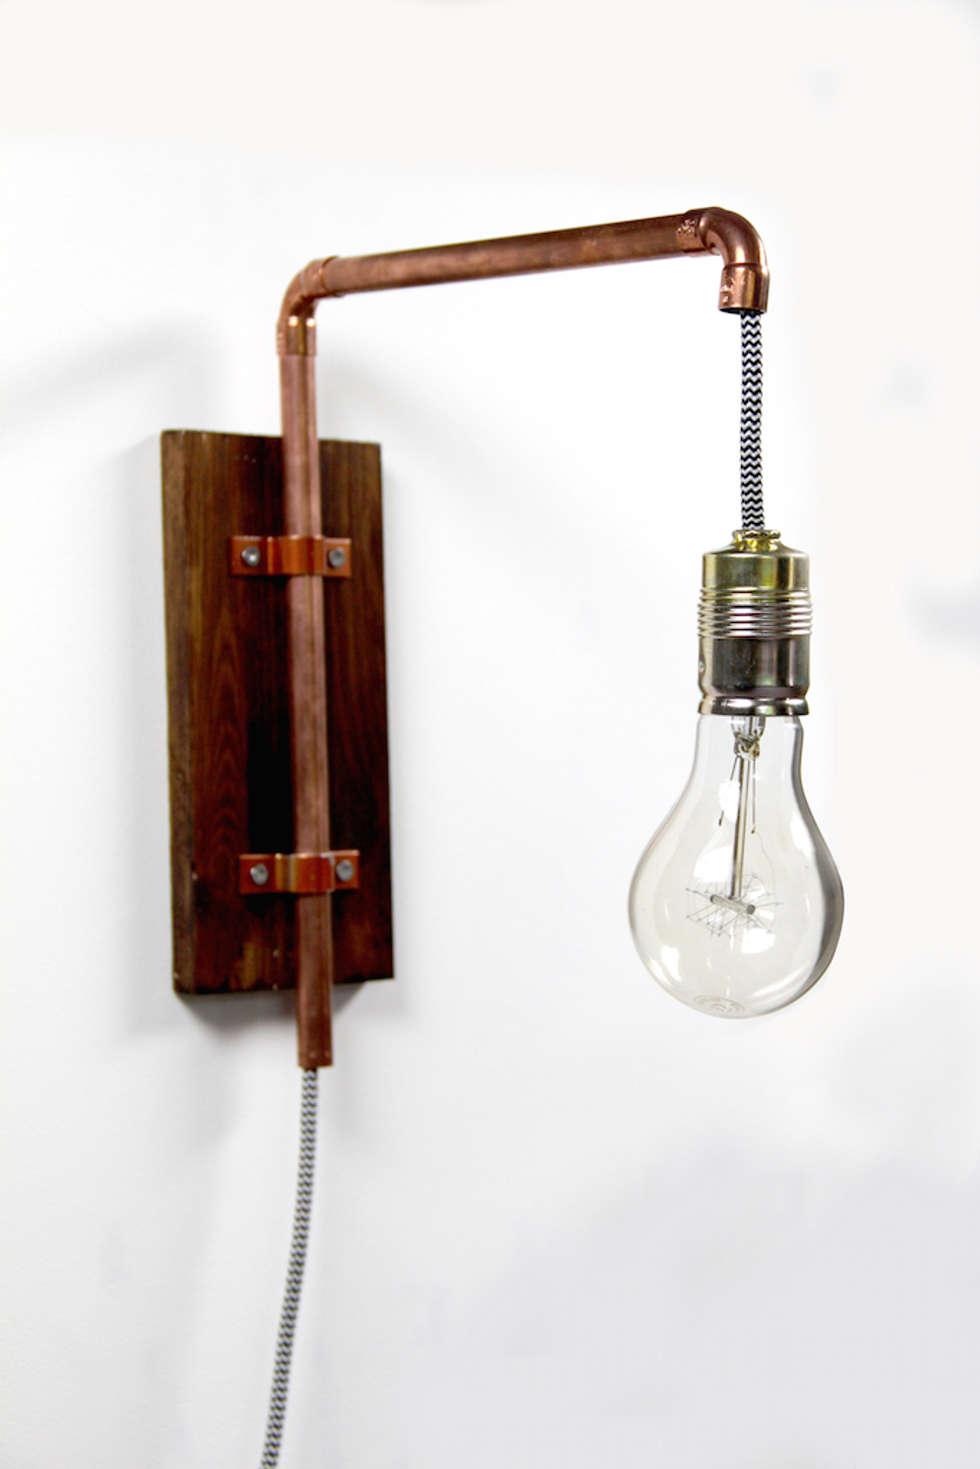 wandlampe industrial design aus kupfer industriale wohnzimmer von kupferkult homify. Black Bedroom Furniture Sets. Home Design Ideas